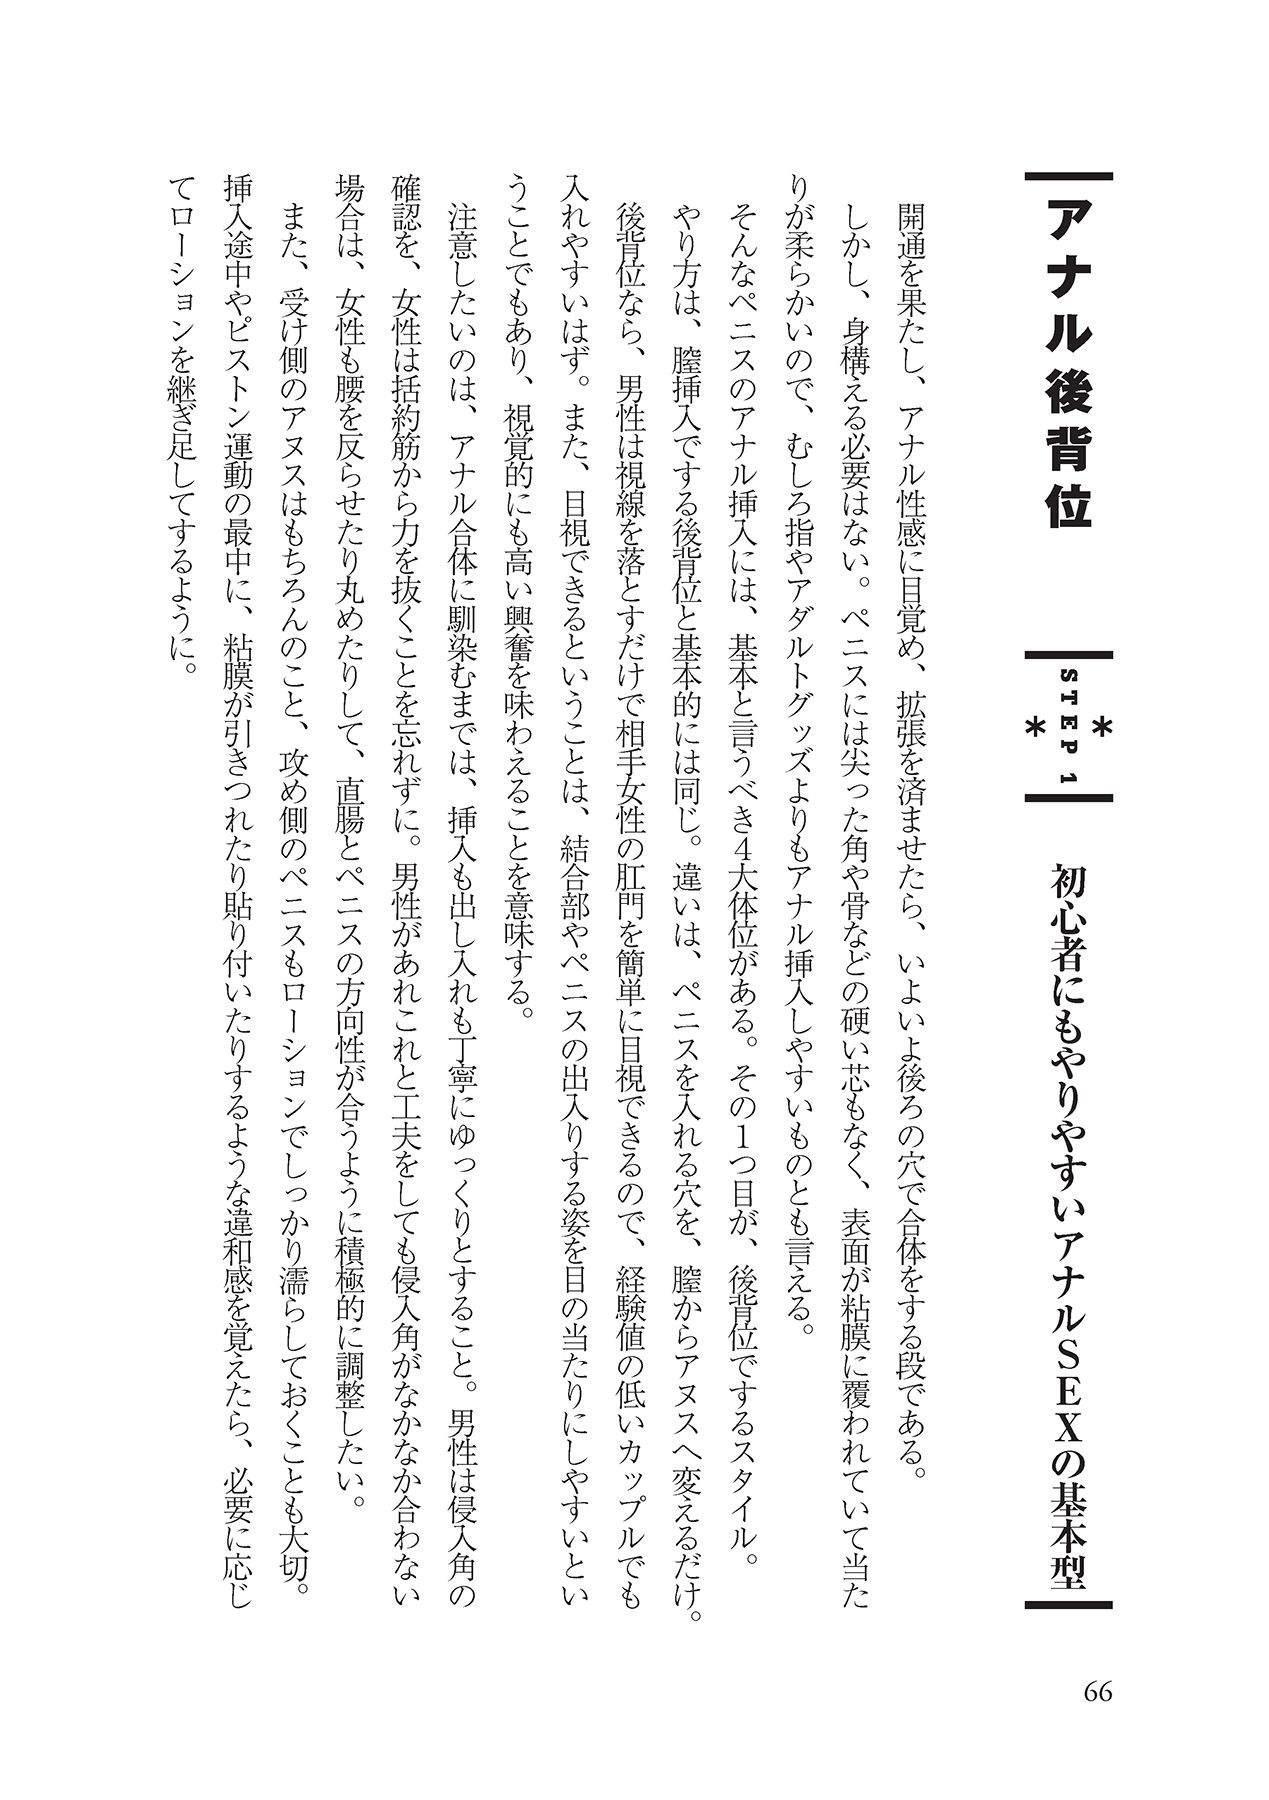 アナル性感開発・お尻エッチ 完全マニュアル 67